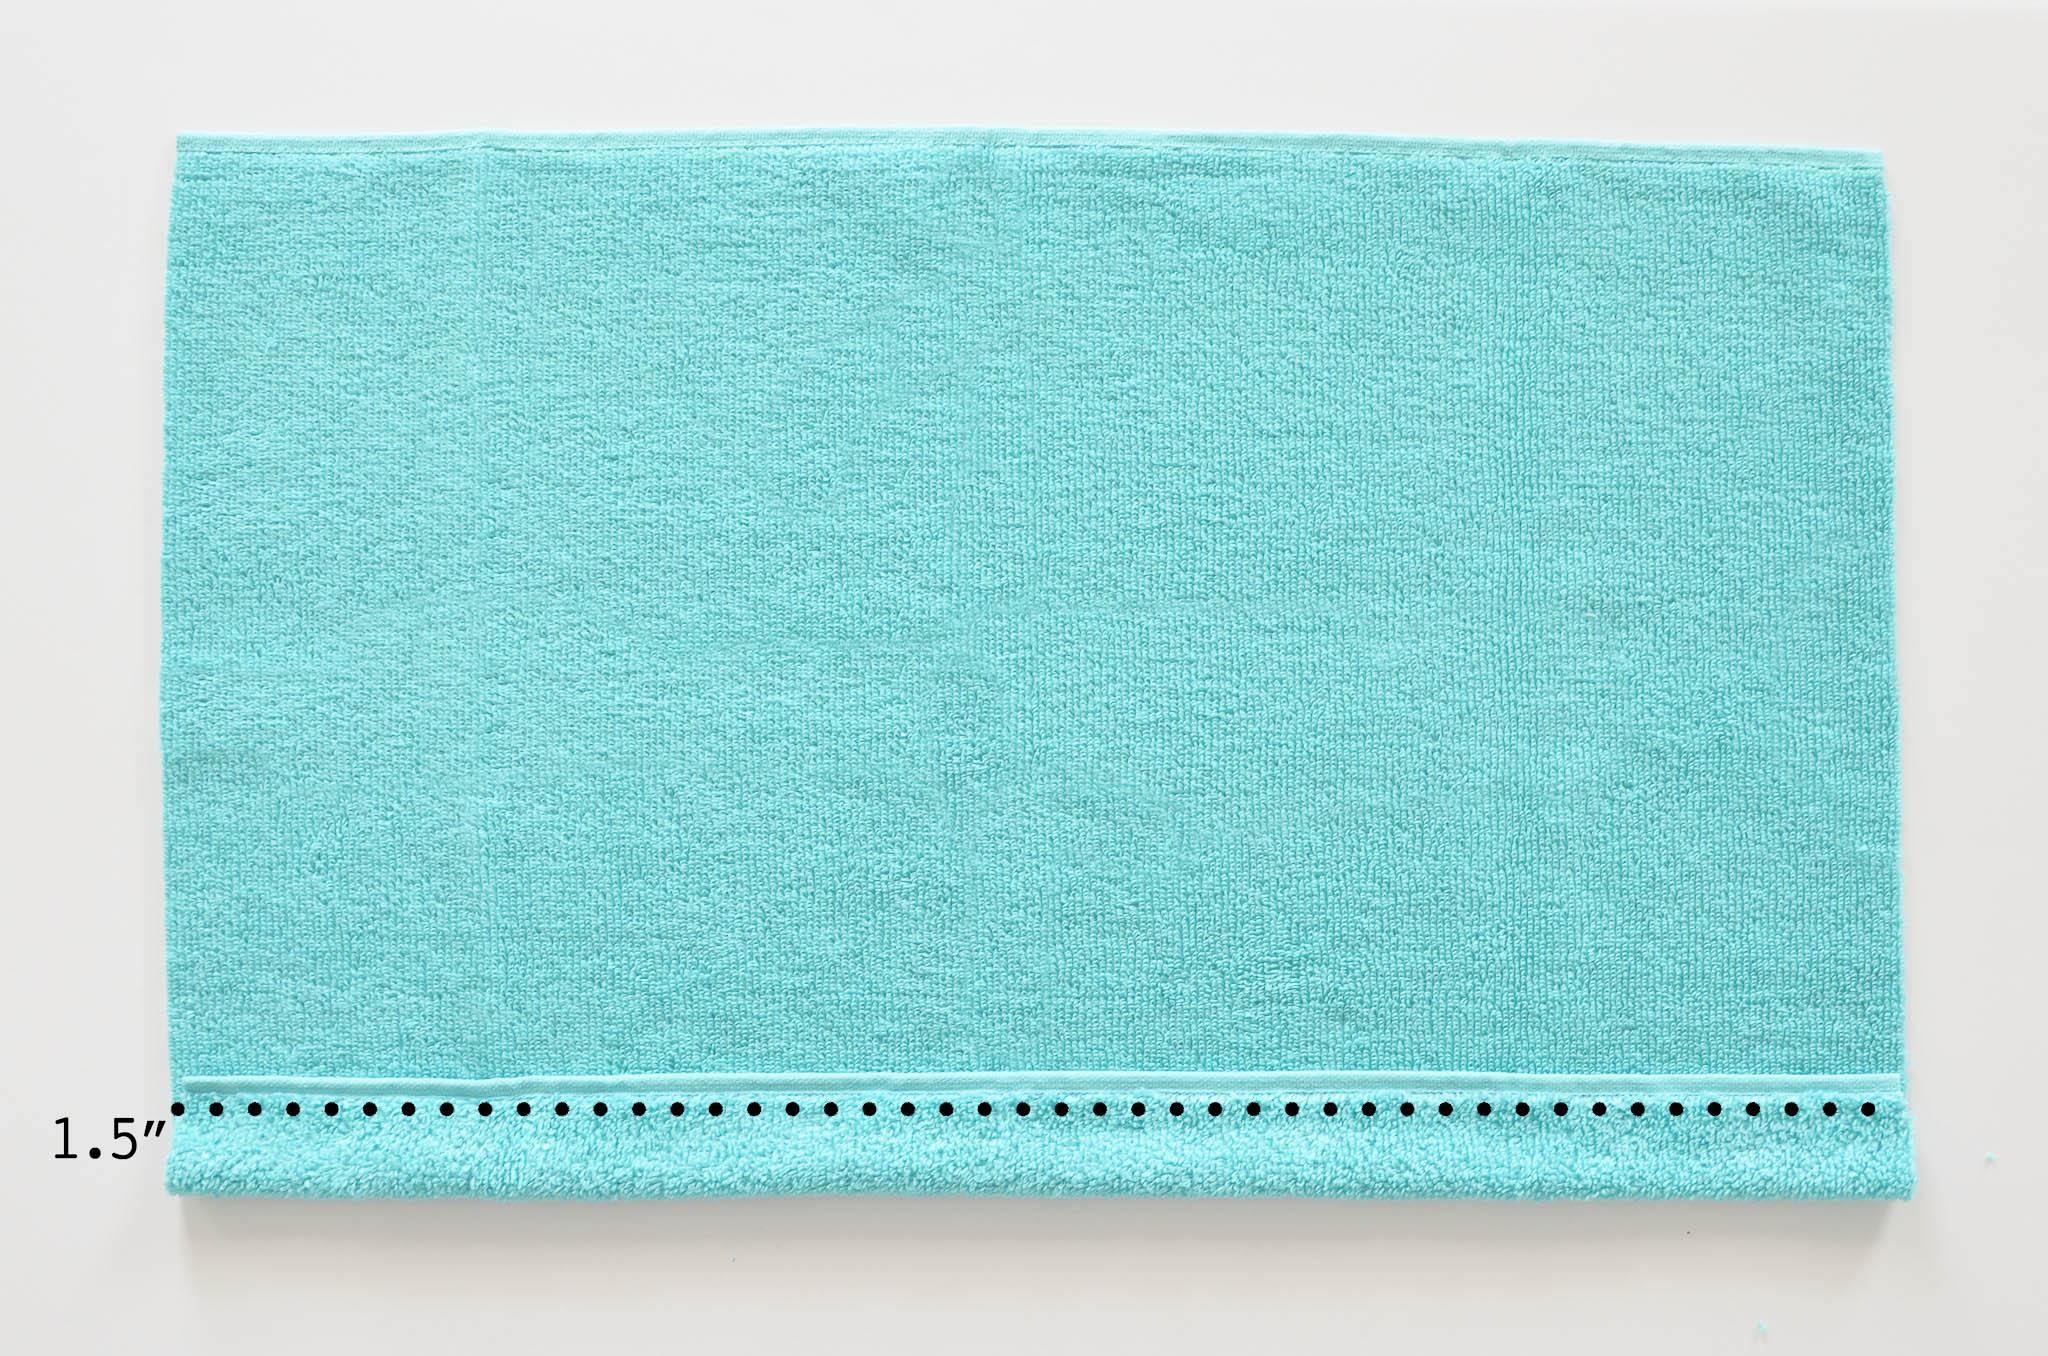 DIY Hooded Towel Tutorial - Project Nursery